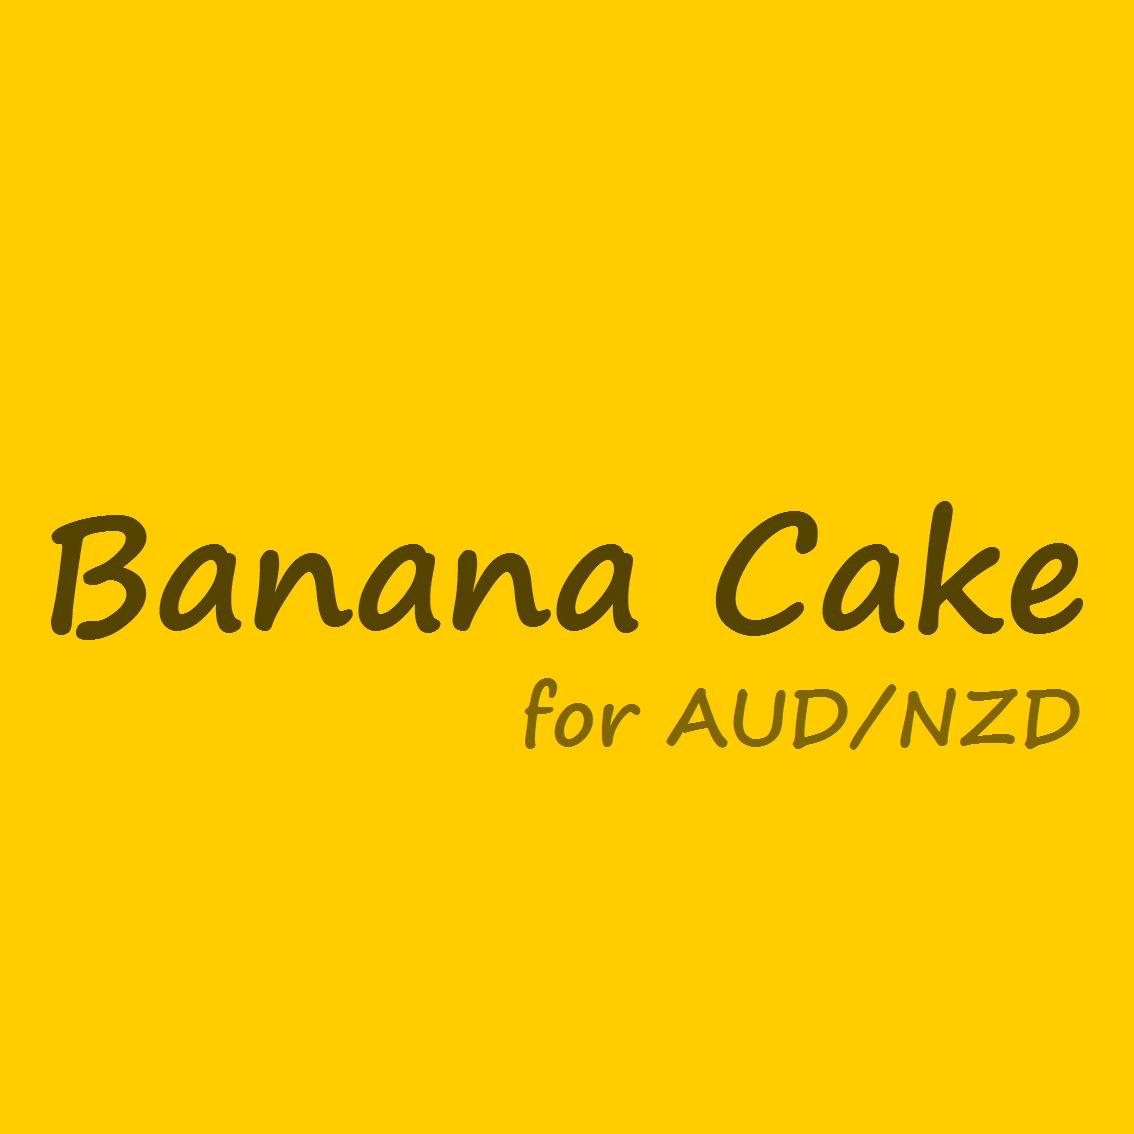 美味しいバナナケーキはいかがですか?